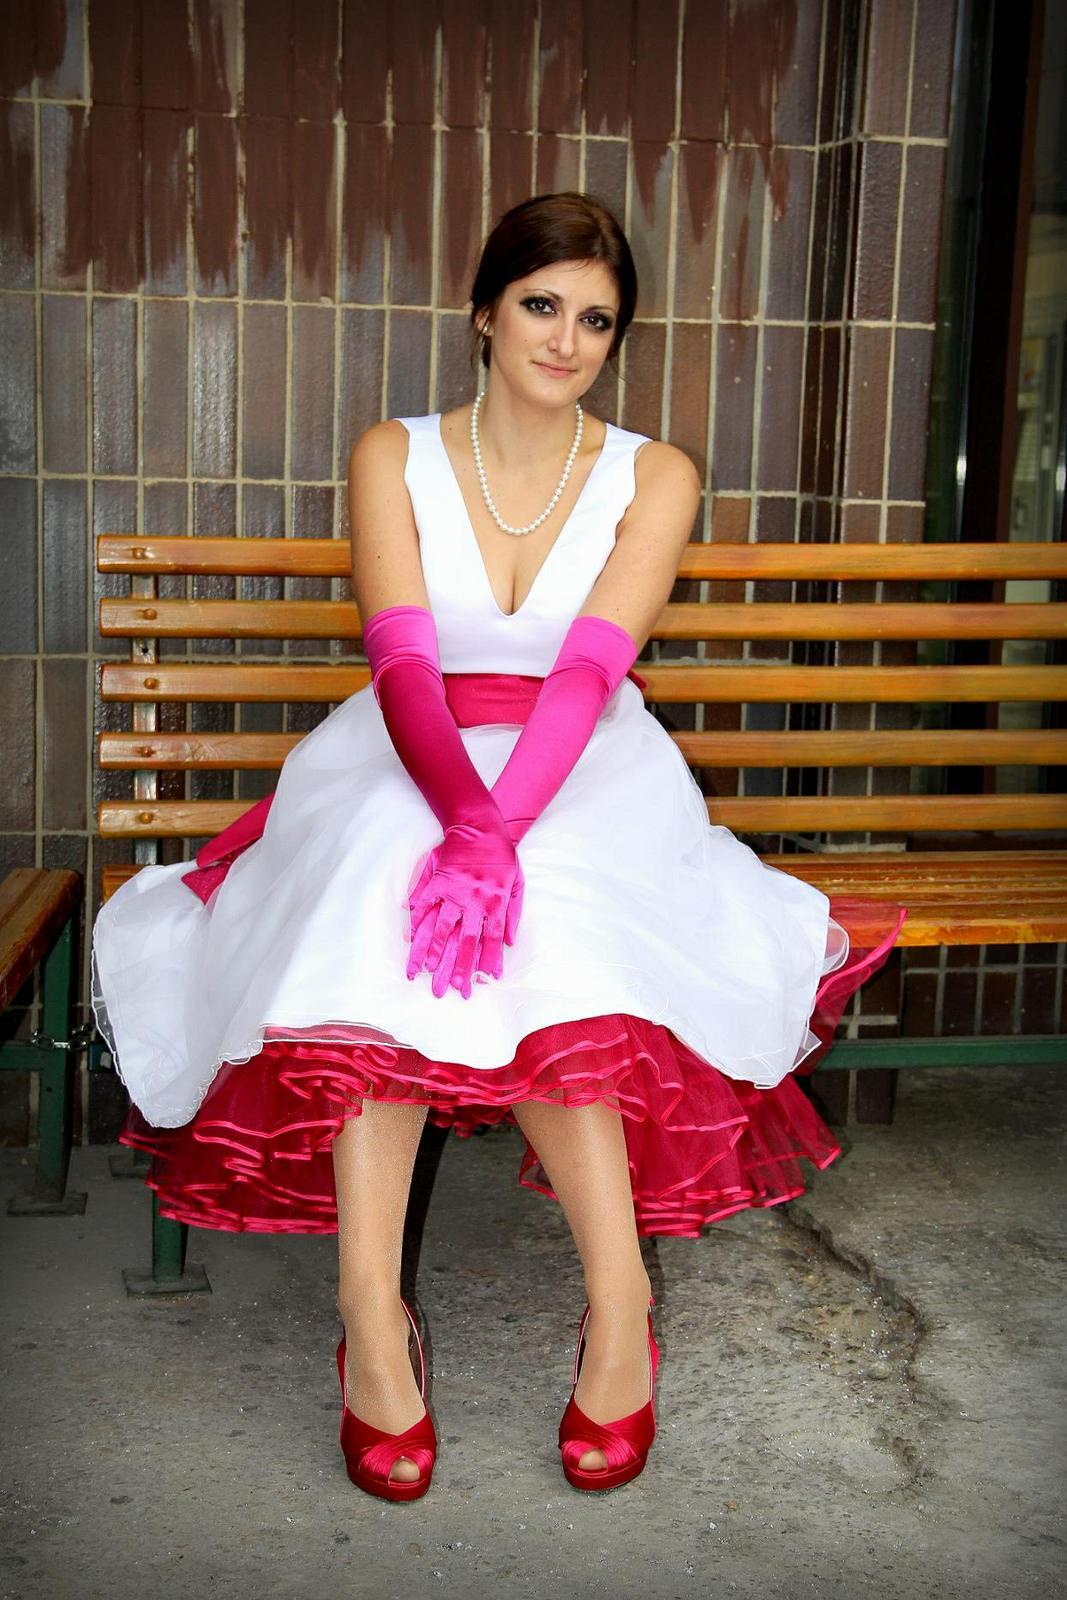 18. okt 2012 o 16 48 • Svadba bola v októbri 2012 • Odpovedz • Páči sa mi  to • bd606fe5d7b